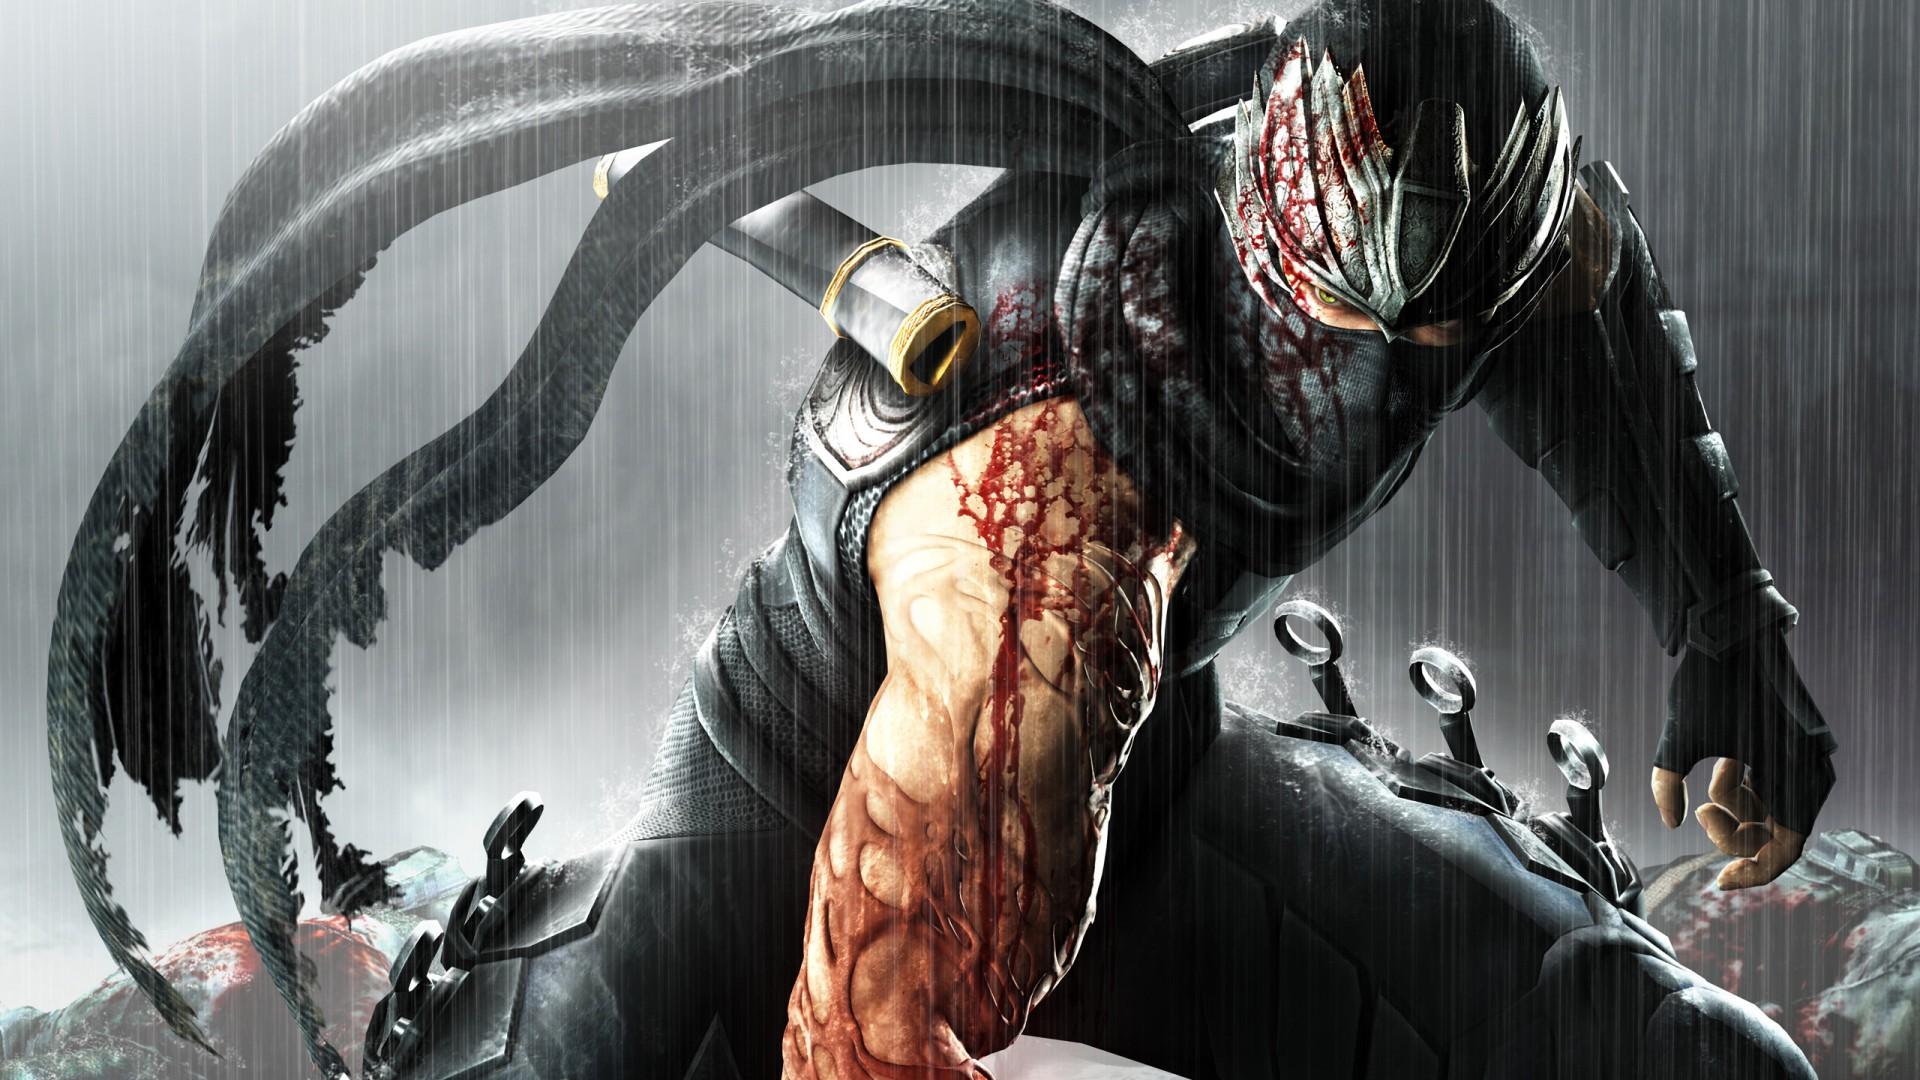 Hd wallpaper games - Ninja Gaiden Game Hd Wallpaperwelcome To Starchop